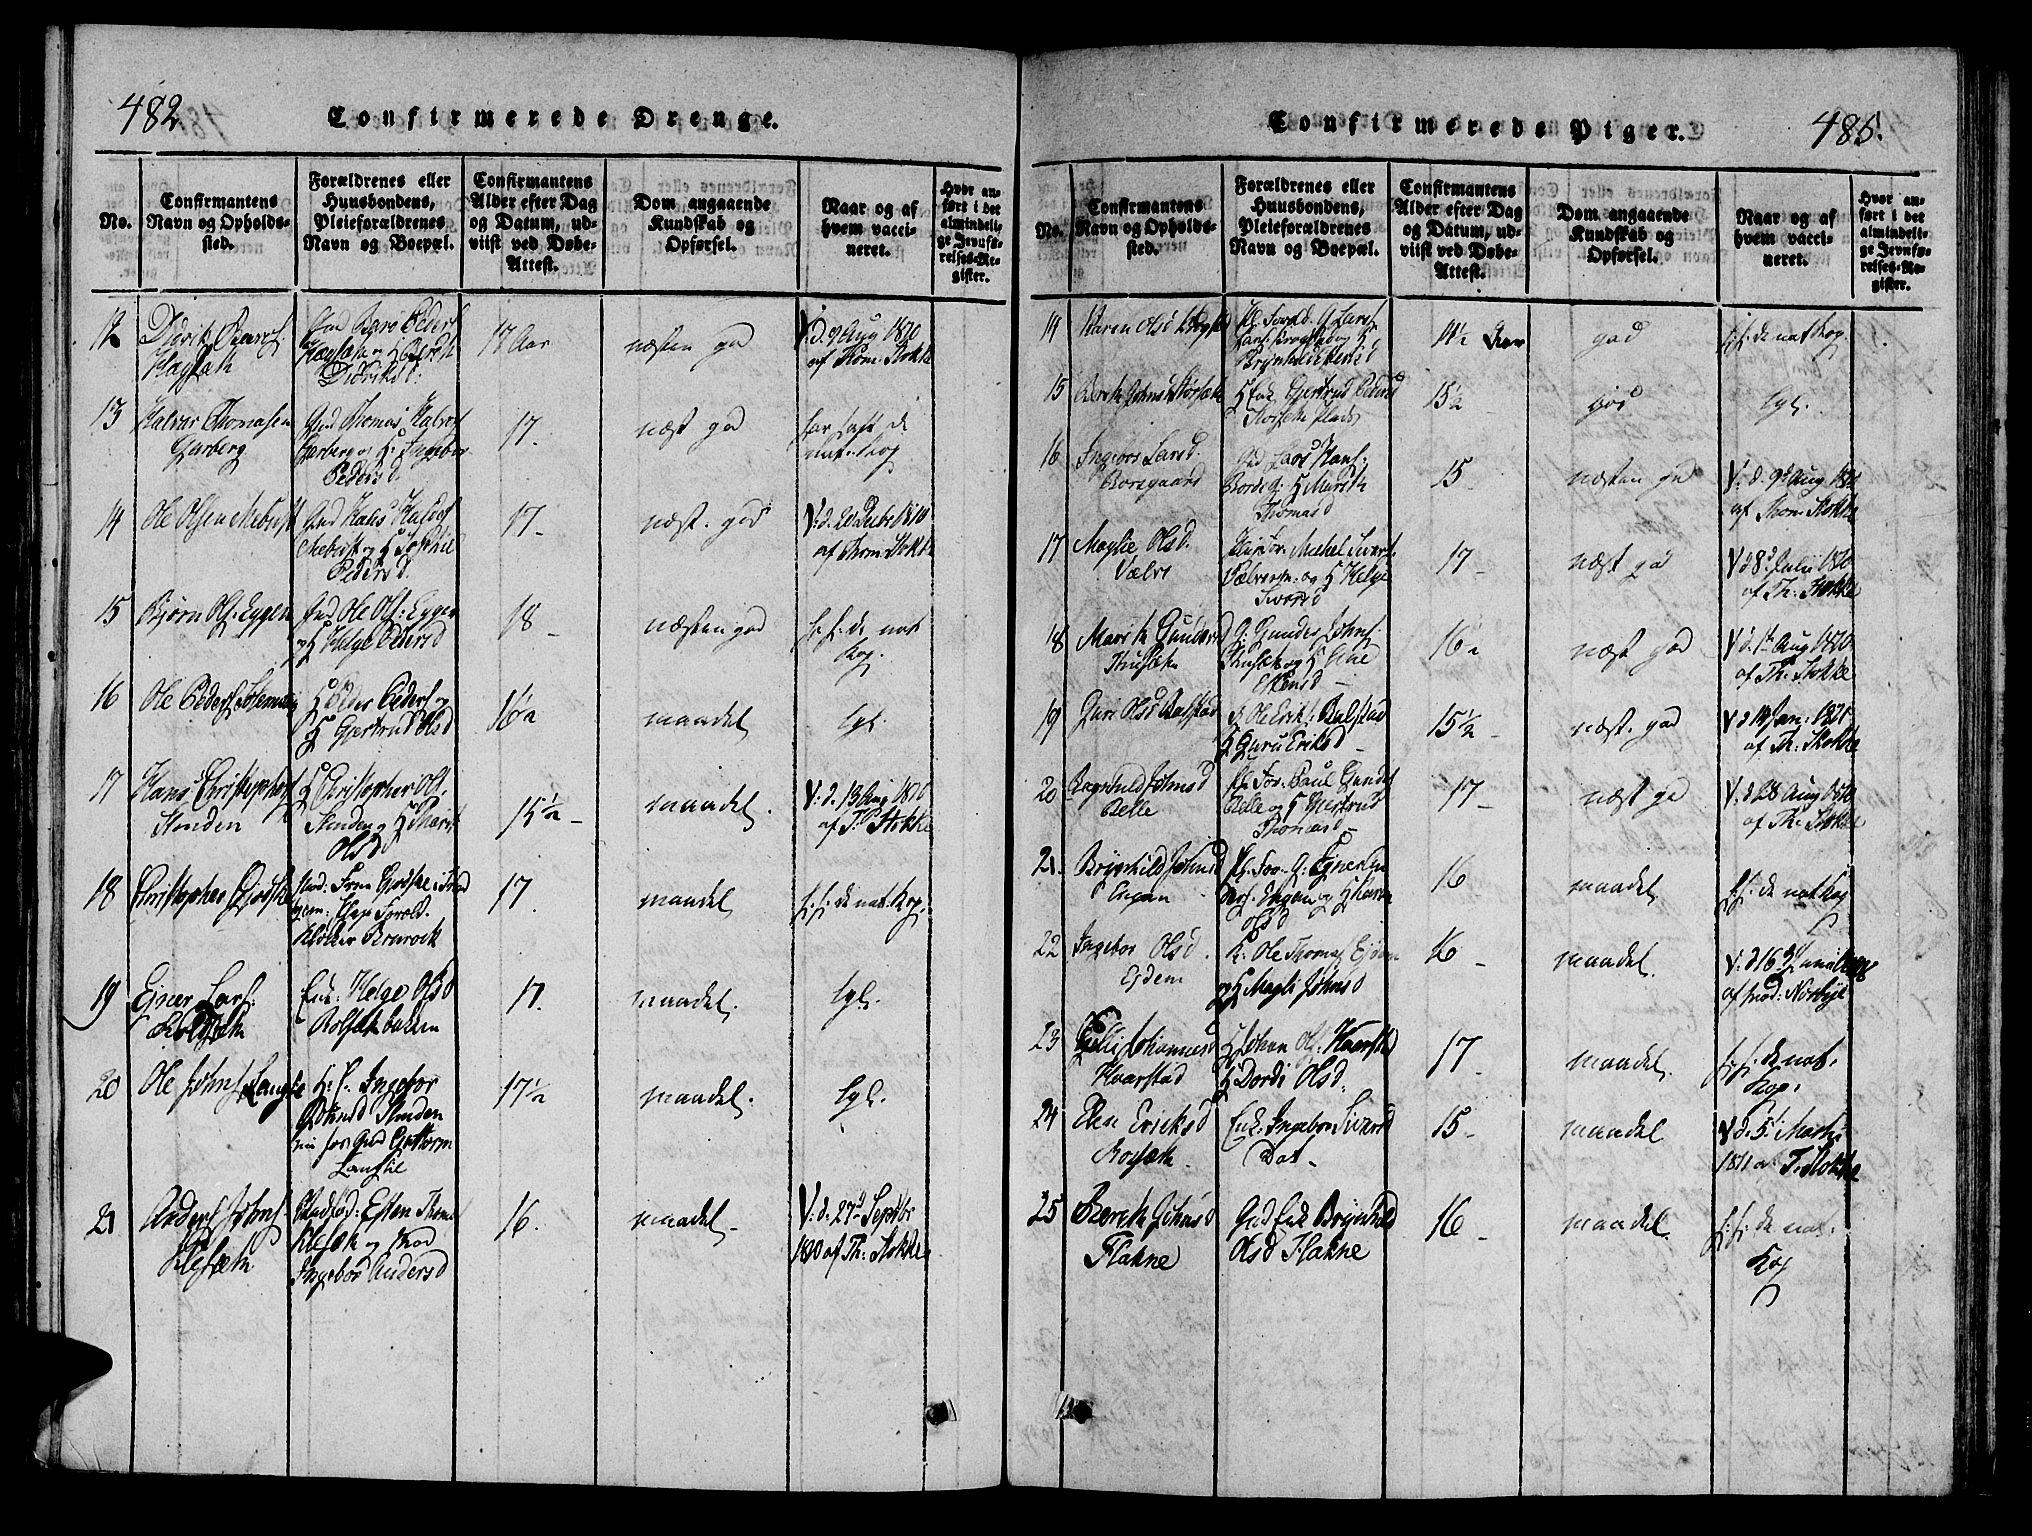 SAT, Ministerialprotokoller, klokkerbøker og fødselsregistre - Sør-Trøndelag, 695/L1141: Ministerialbok nr. 695A04 /1, 1816-1824, s. 482-485